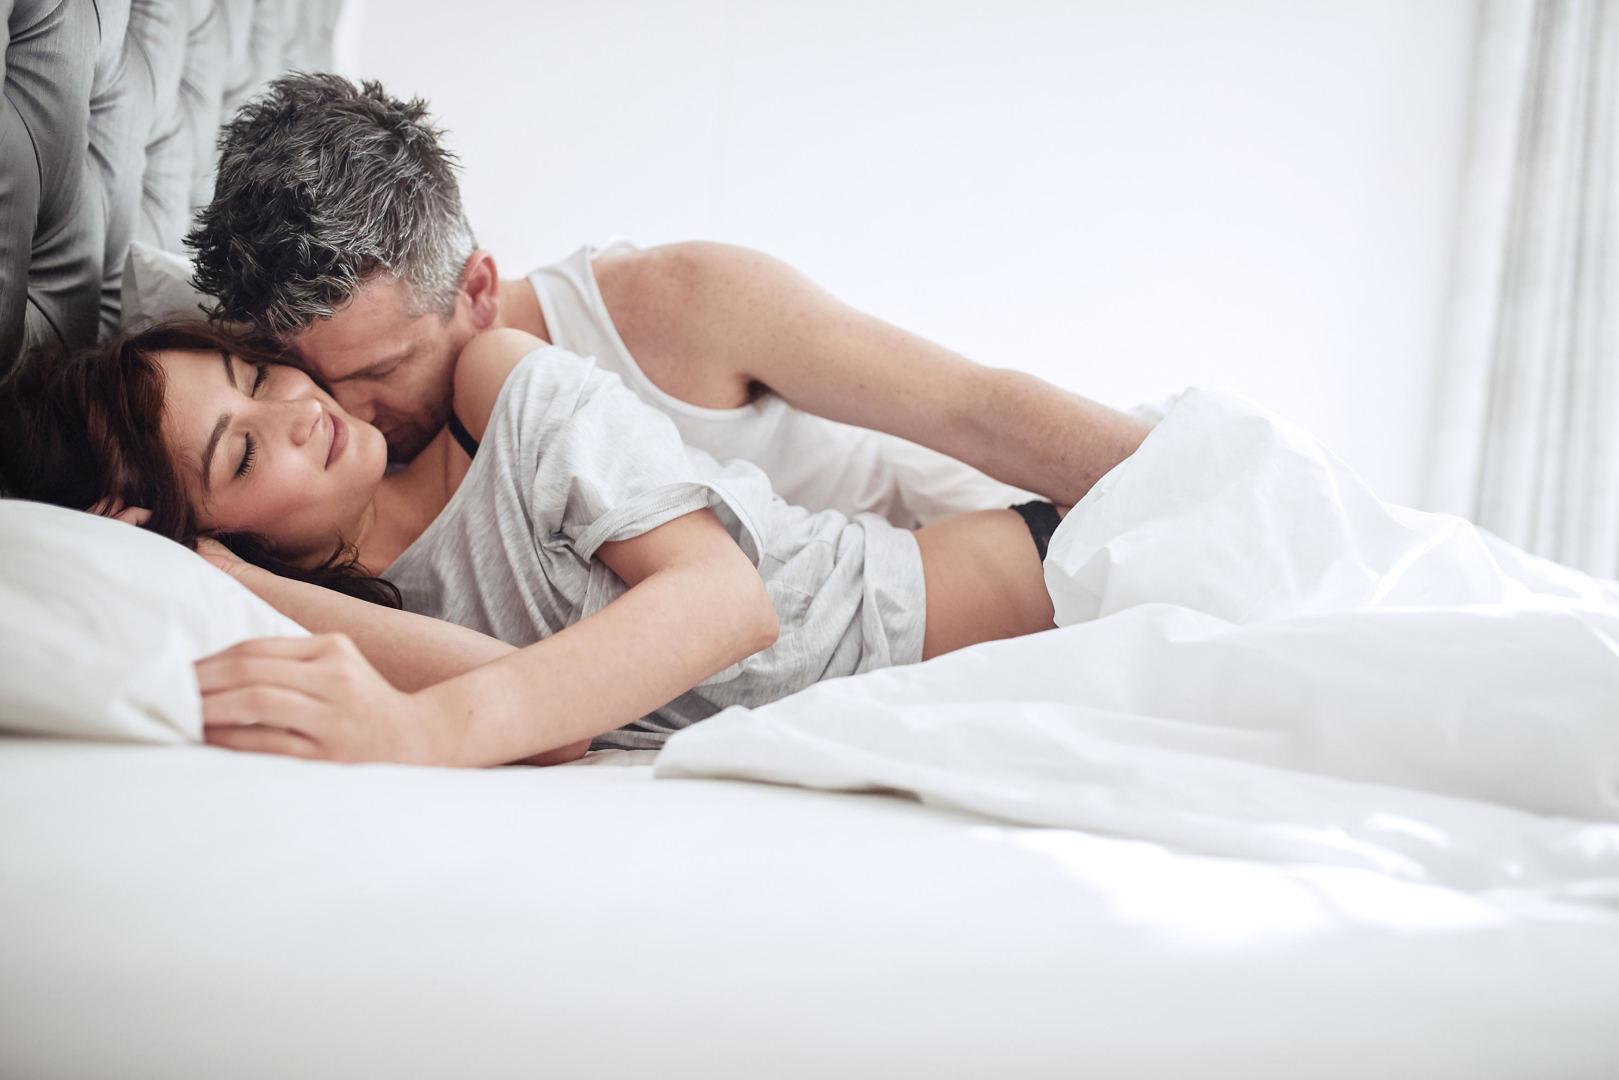 kaip galiu padidinti seksualini nari